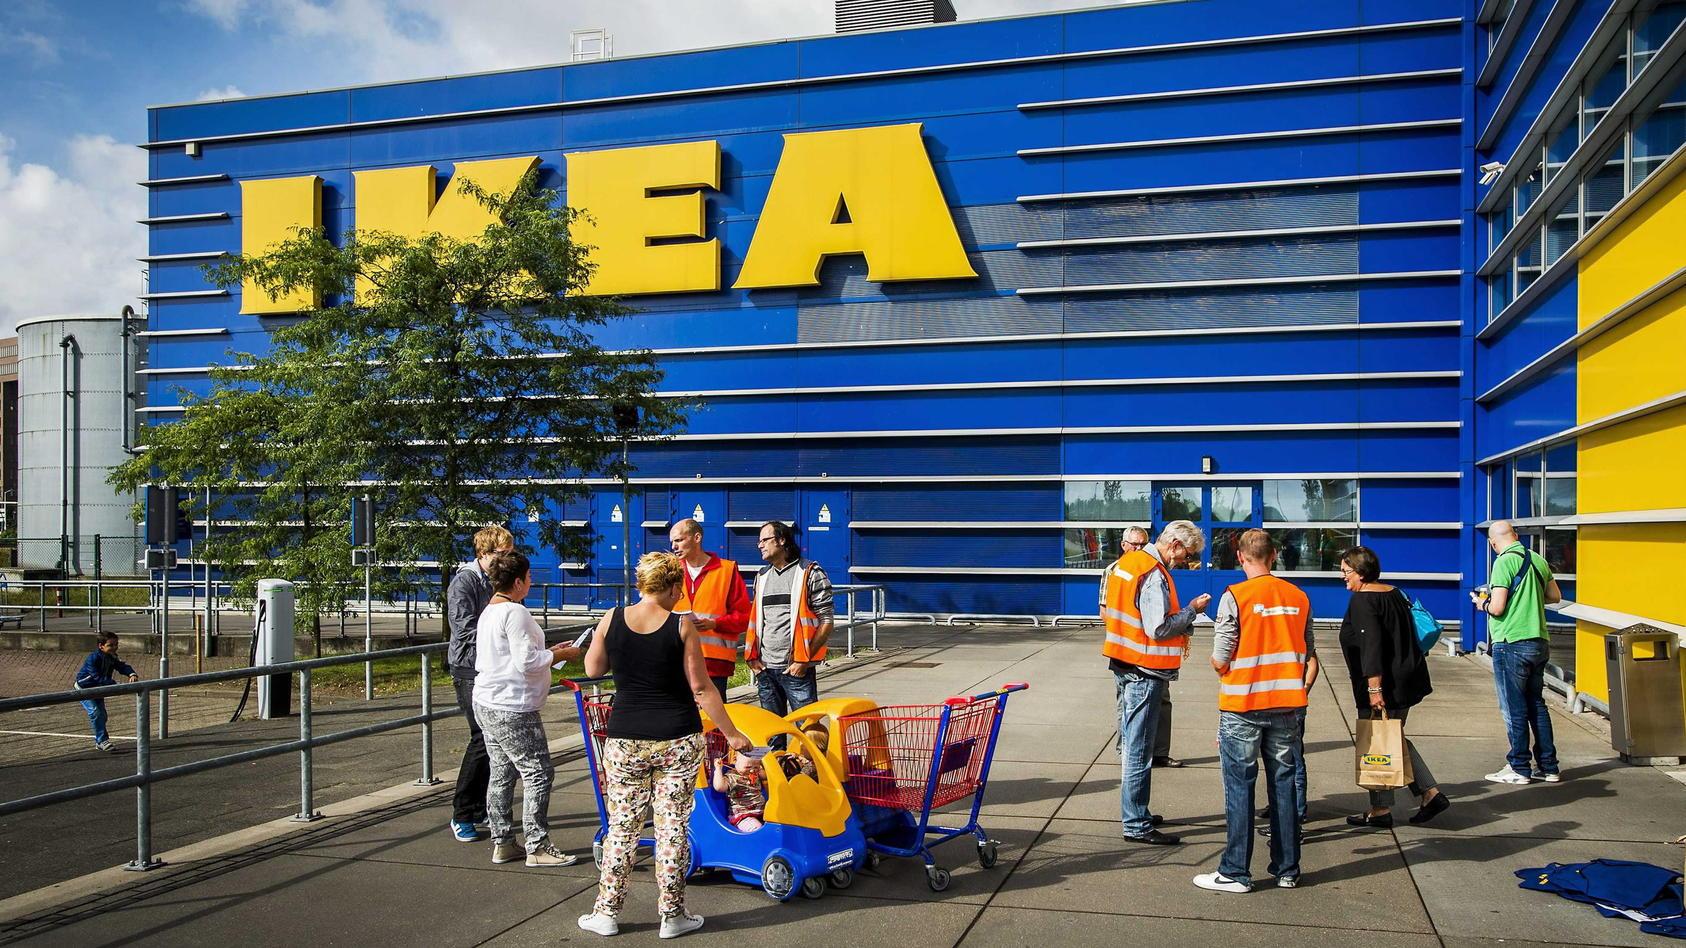 In einer Ikea-Filiale im englischen Thurrock durften rund 200 Menschen während einer Autobahnsperrung warten (Symbolbild).